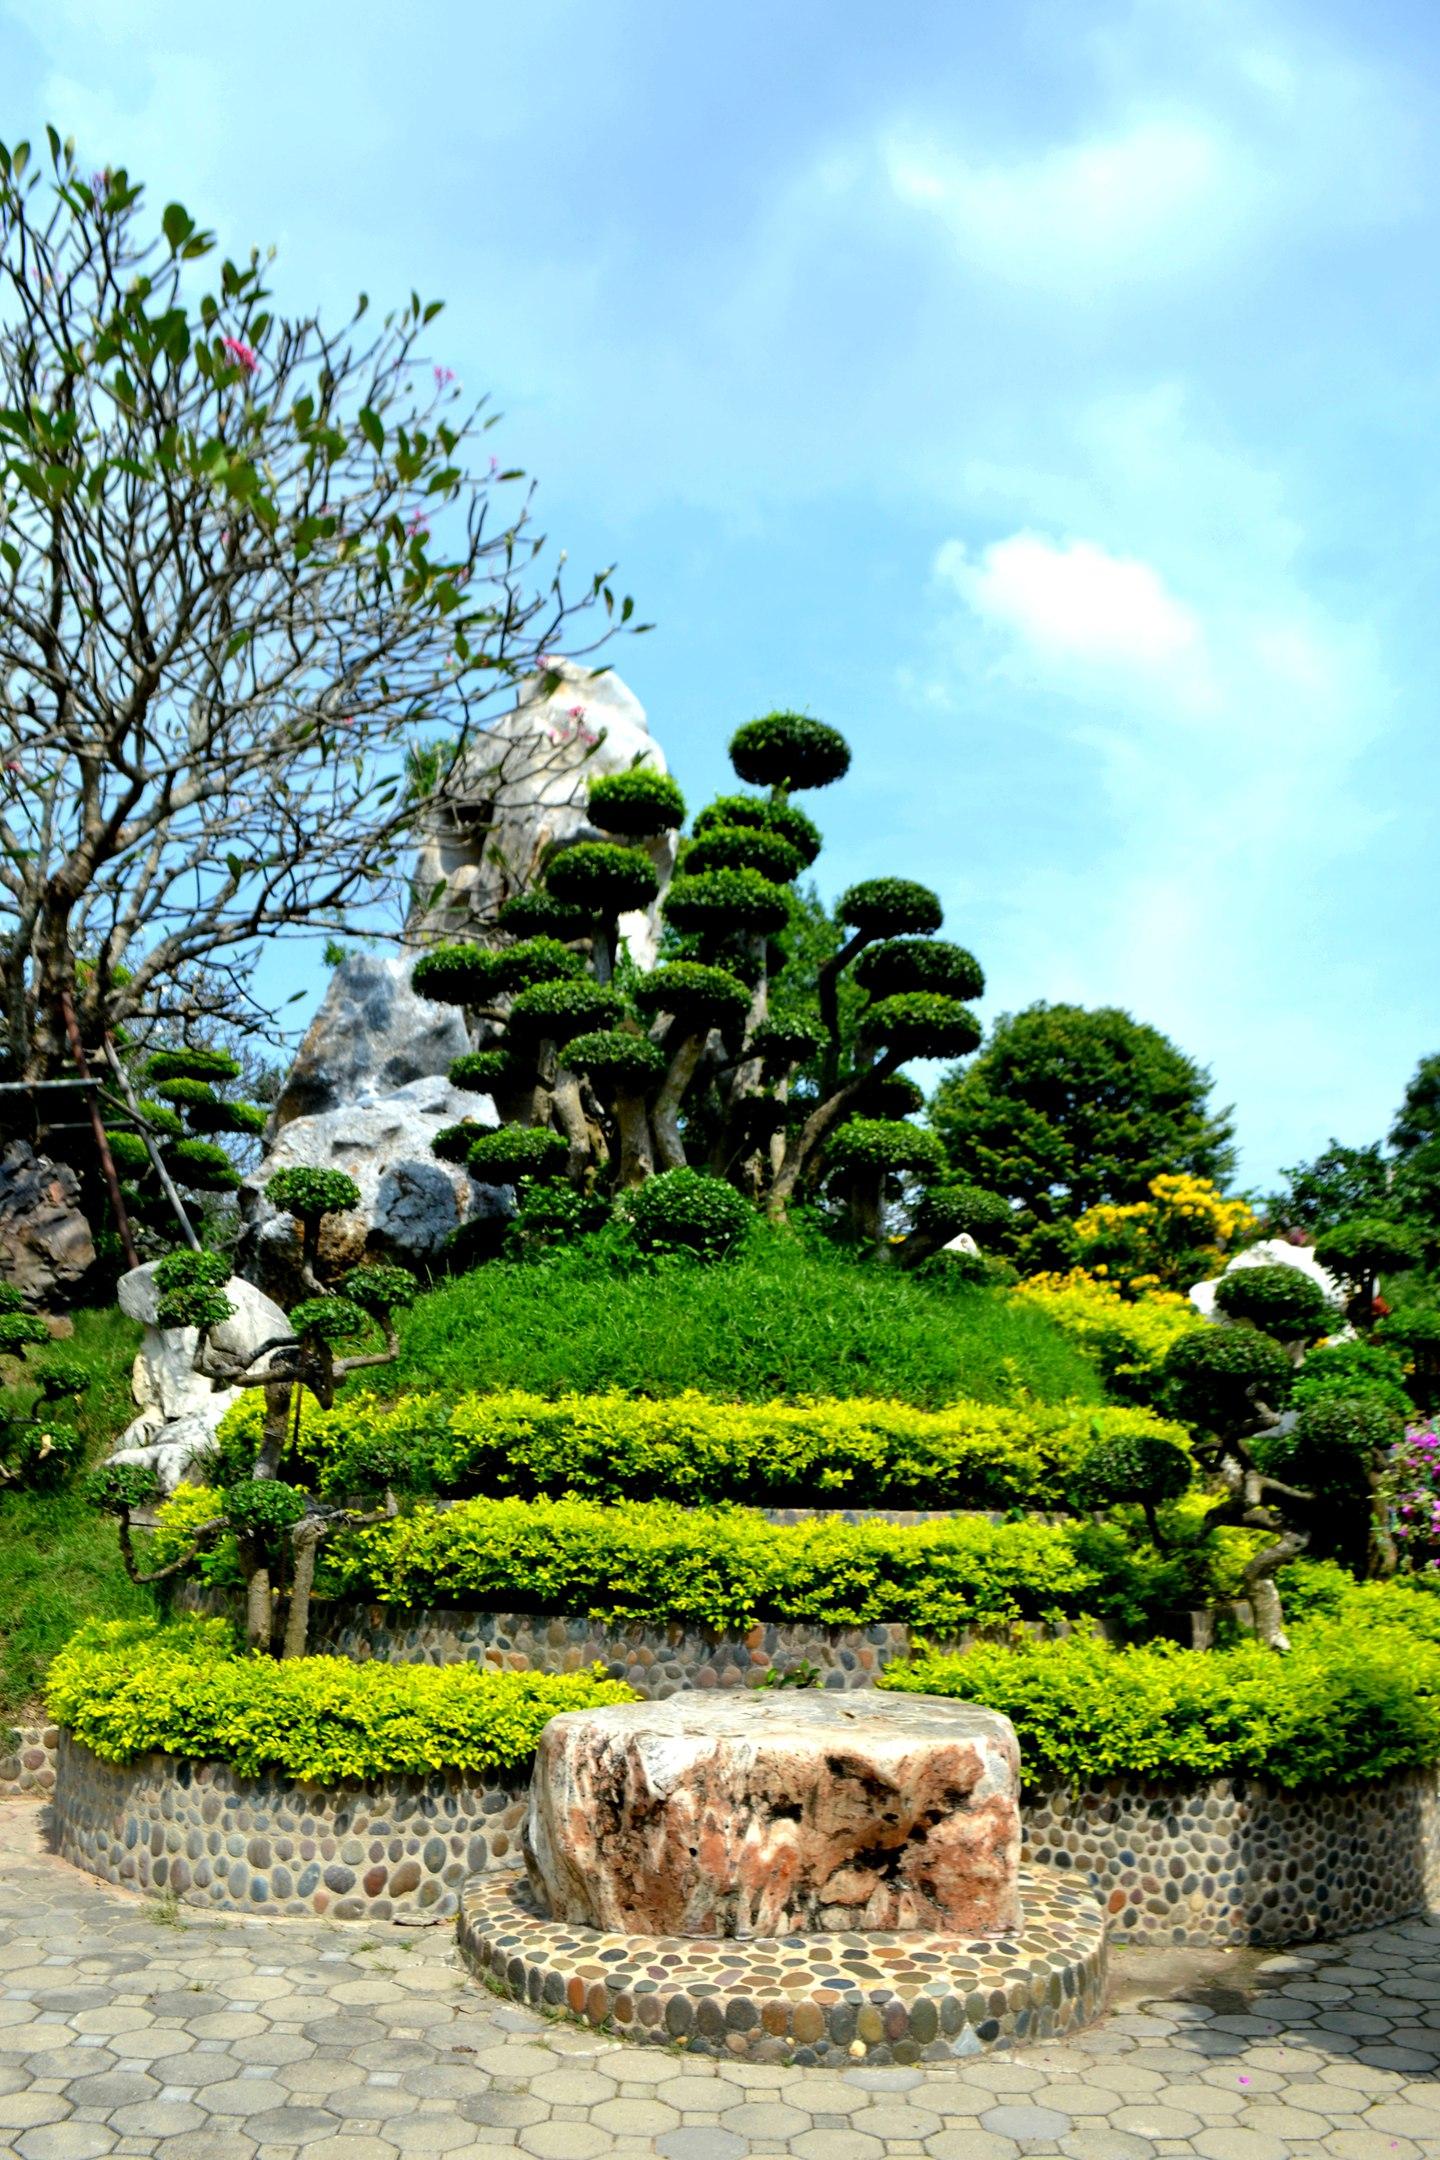 отдых - Елена Руденко ( Валтея ). Таиланд. Парк миллионолетних камней и крокодиловая ферма. - Страница 3 V-JfelgMLHY